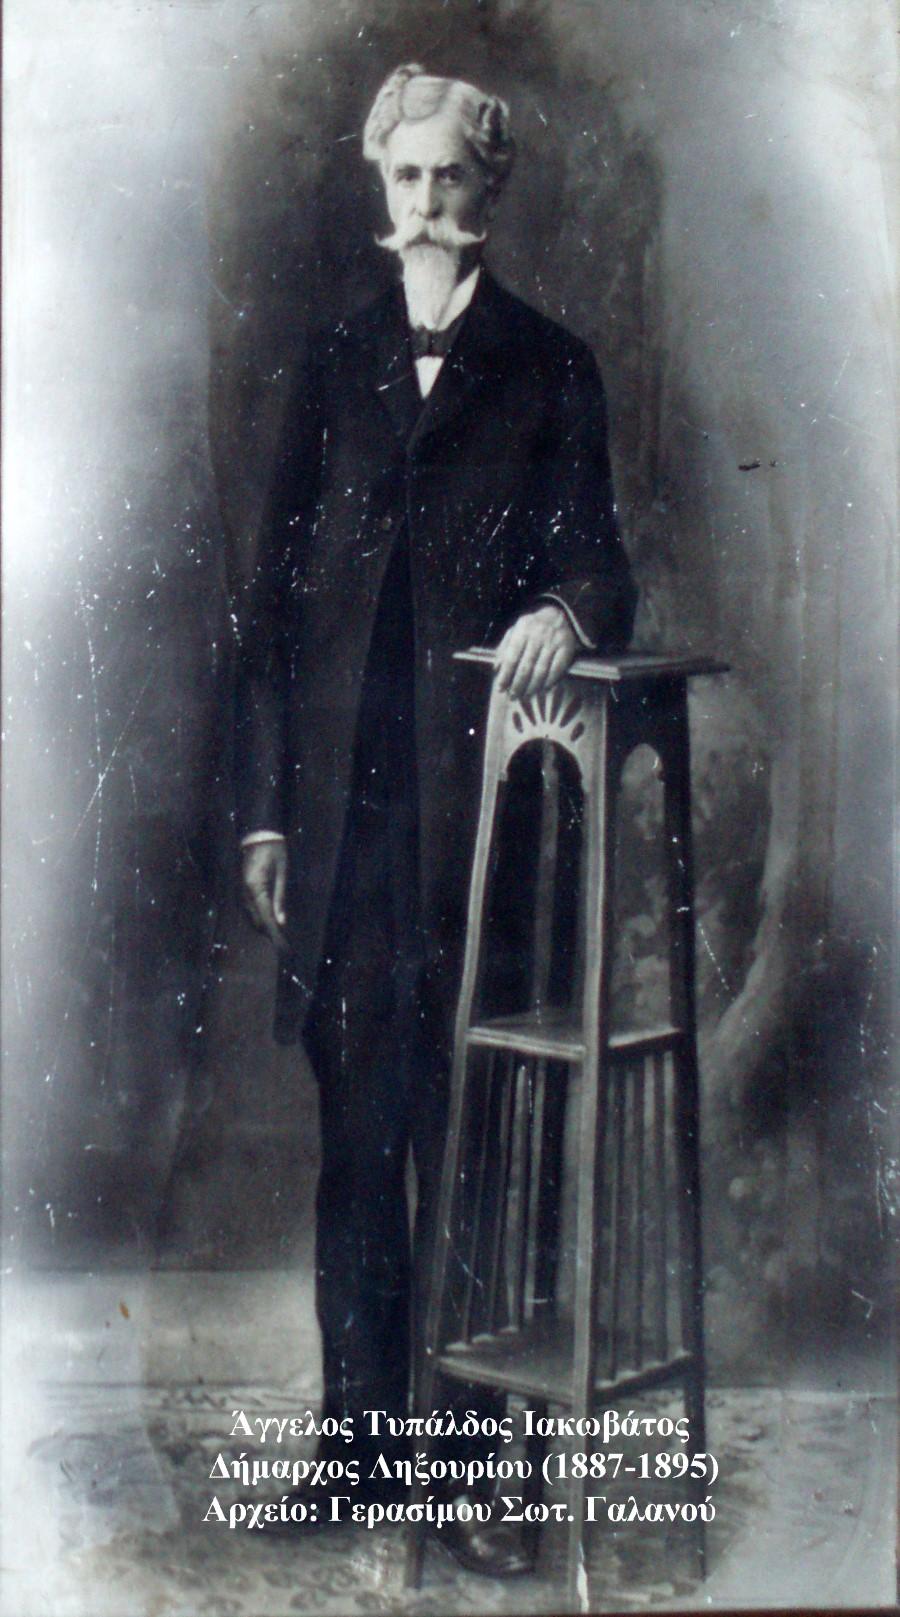 Άγγελος Τυπάλδος Ιακωβάτος